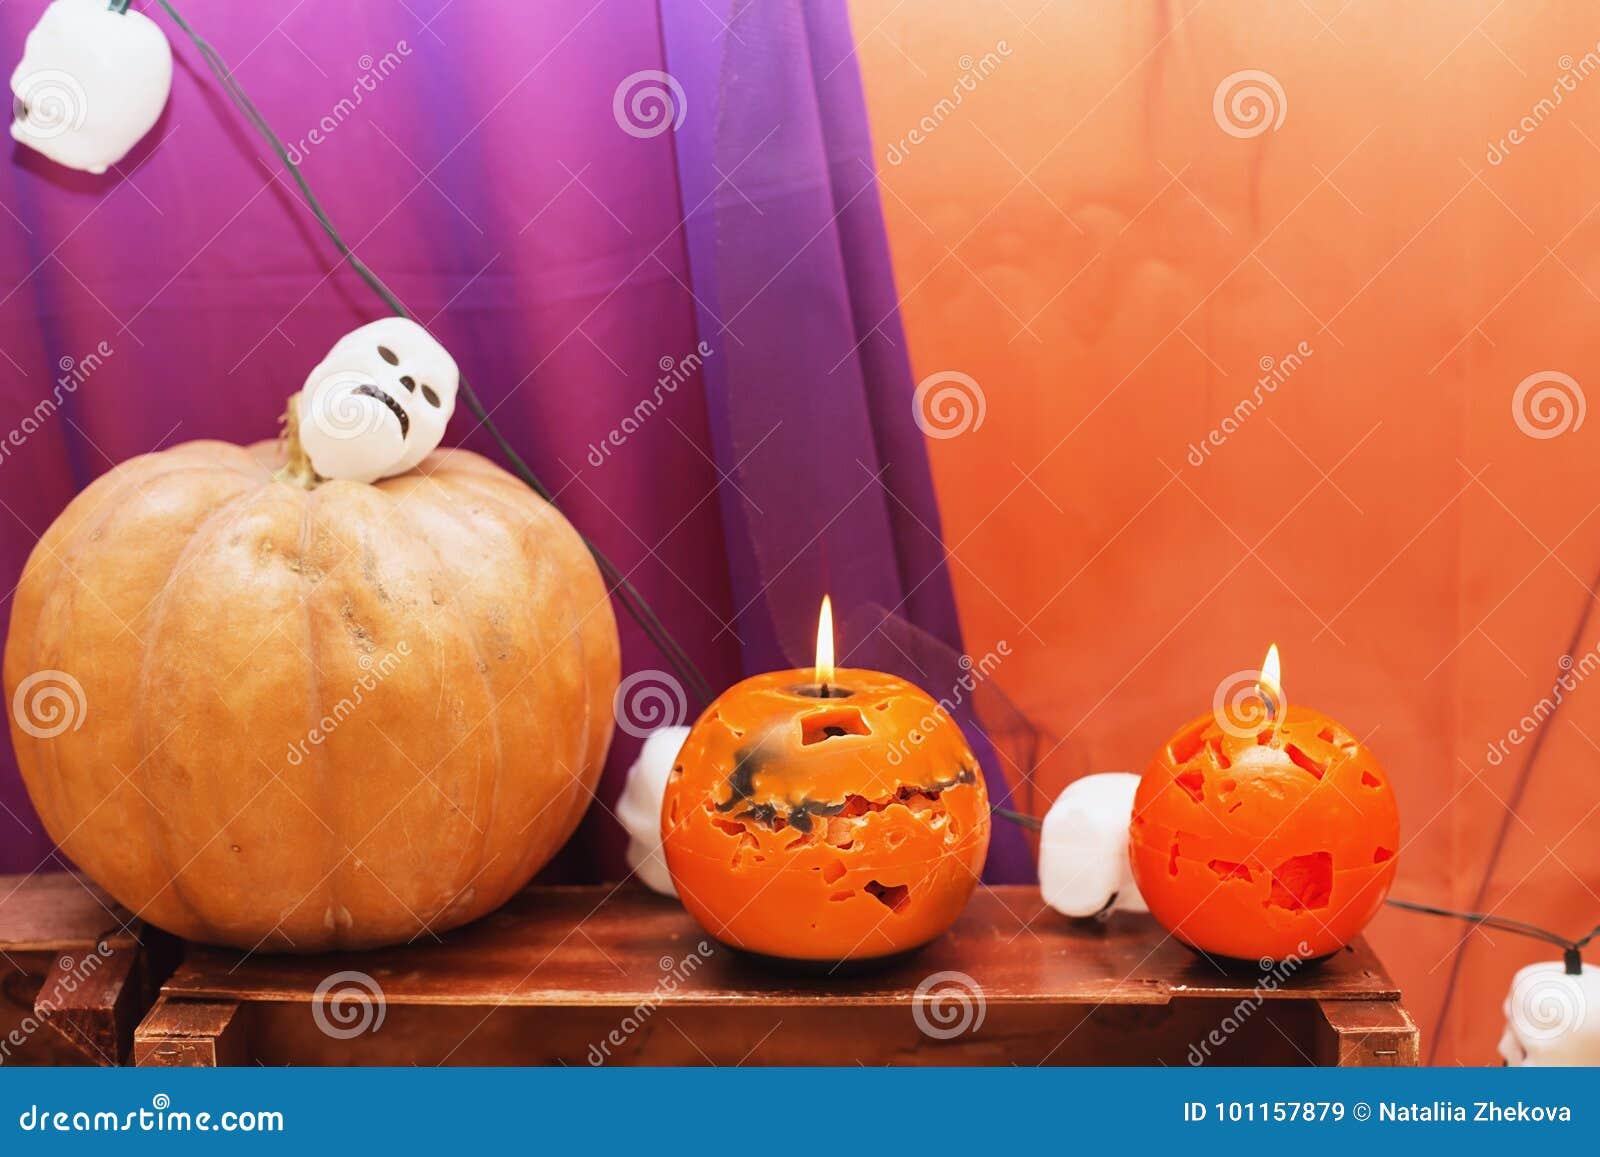 Pompoen En Halloween.Oranje Kaarsen En Halloween Pompoen Op Geweven Oppervlakte